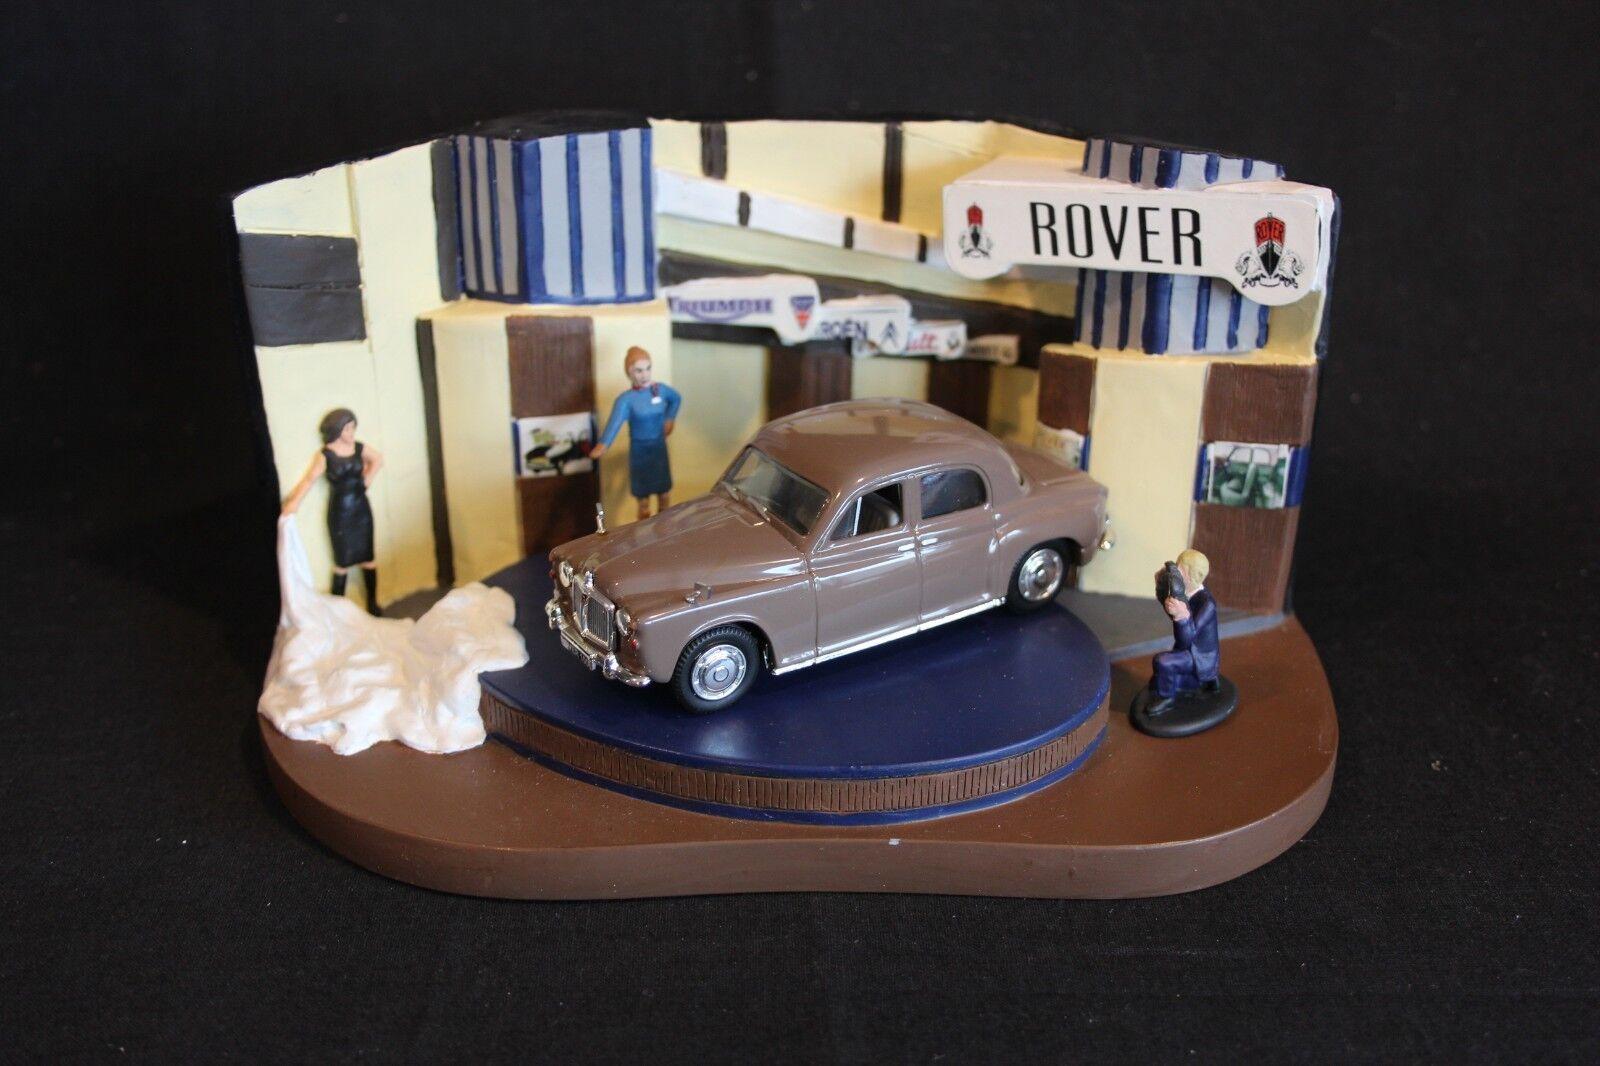 tienda hace compras y ventas Vanguards Diorama Diorama Diorama 1 43 Rover 100 (Heather marrón) Earls Court  salida para la venta